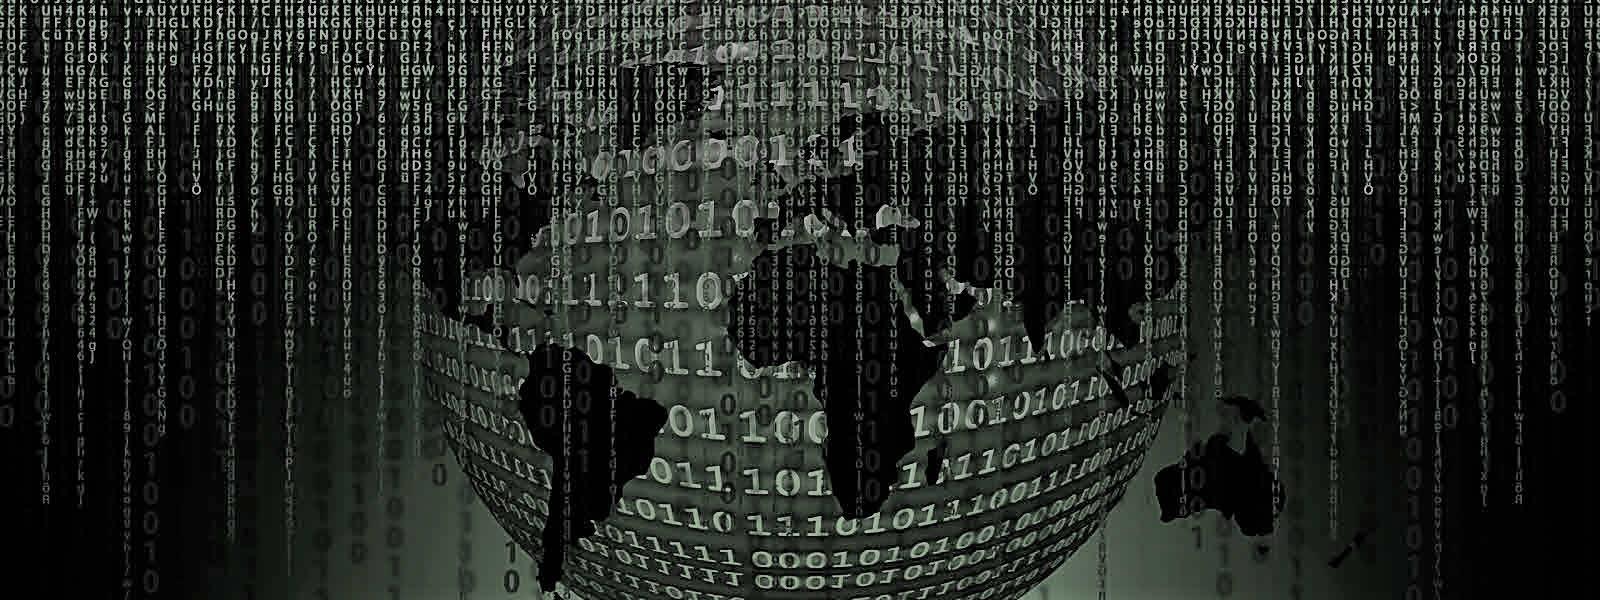 Deal Registration Management Software on CMR's PartnerPortal